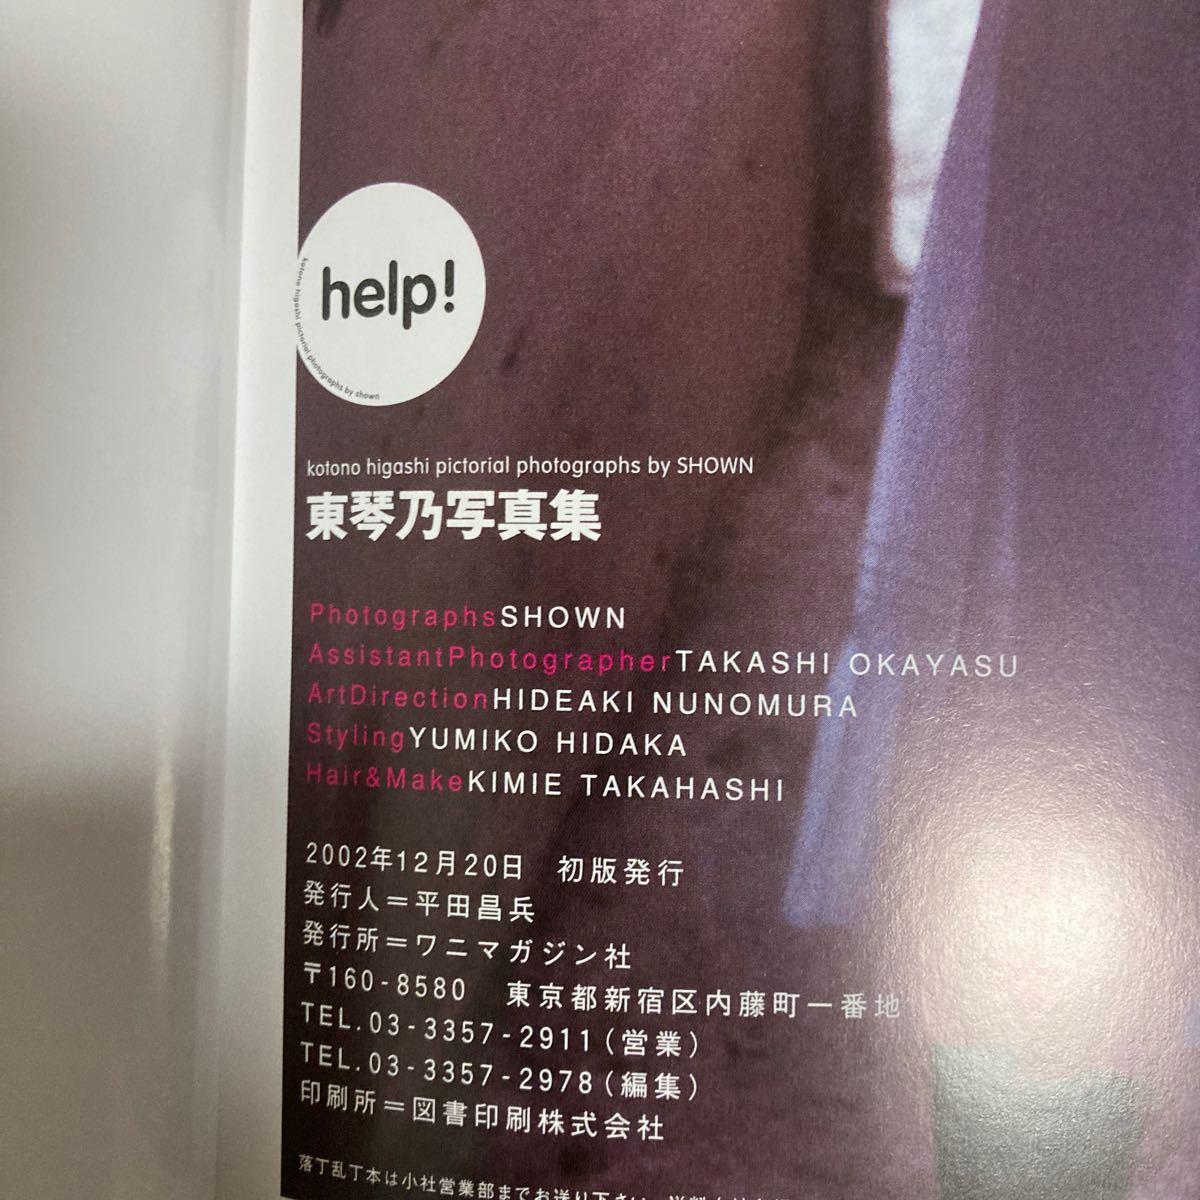 帯付き初版! 東琴乃 ( 琴乃 ) 写真集 help!